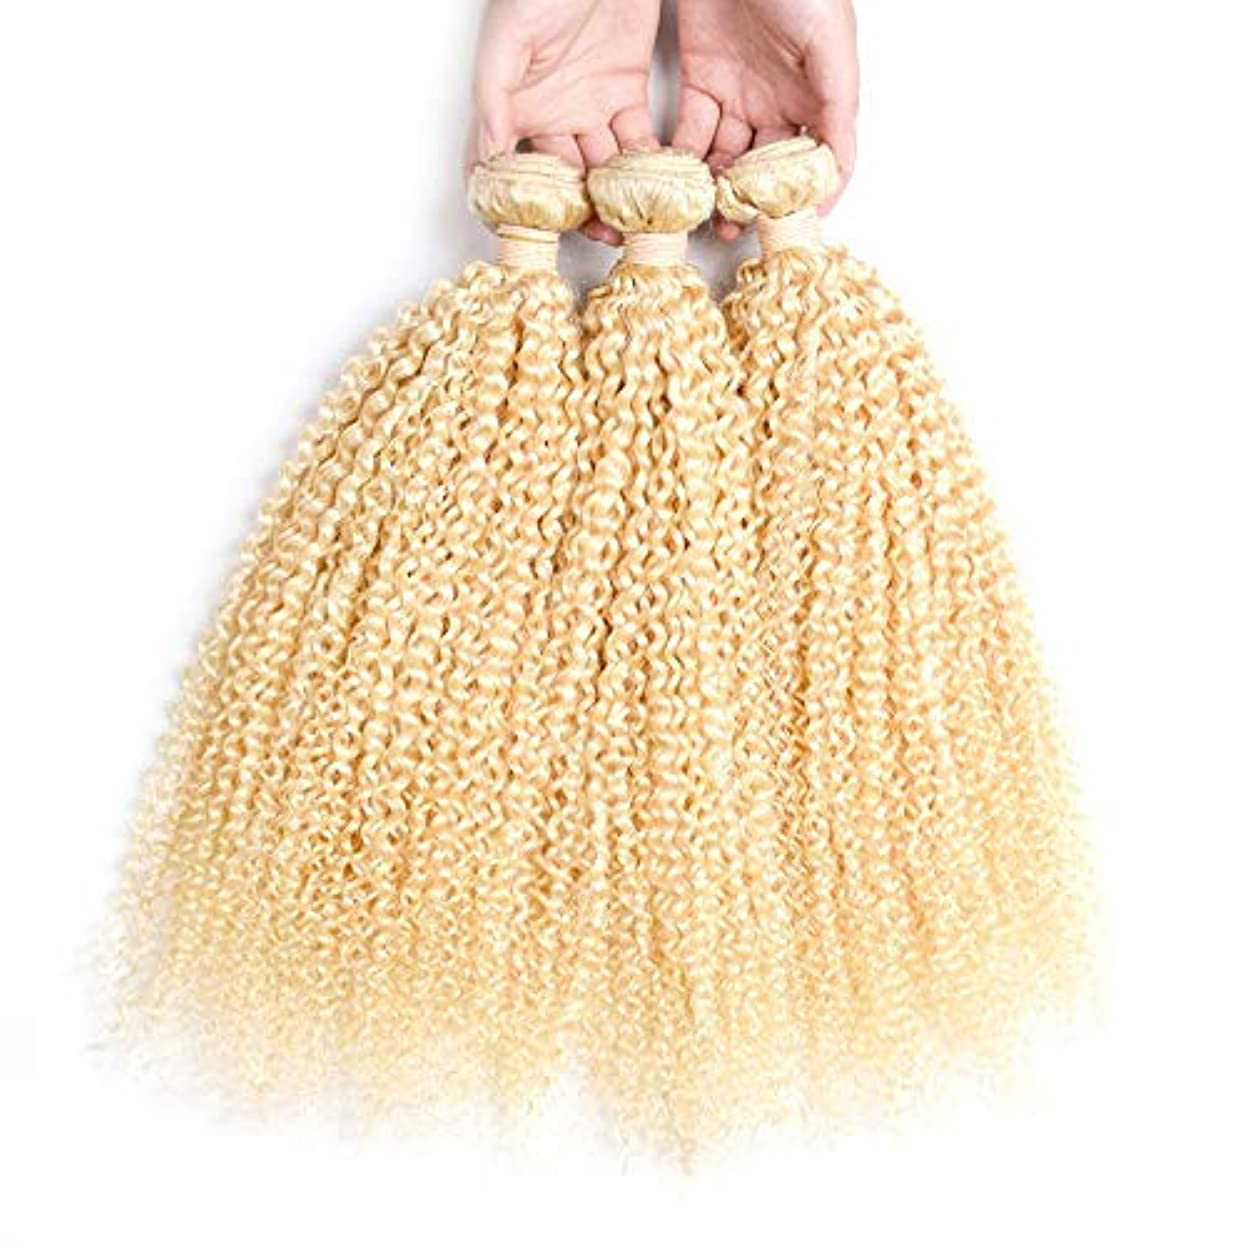 ツールピルファー明快HOHYLLYA ブロンドの人間の髪織りバンドル本物の変態カーリーヘアエクステンション横糸 - #613ブロンドの髪(1バンドル、10-26インチ、100g)ブロンドのかつら (色 : Blonde, サイズ : 10...